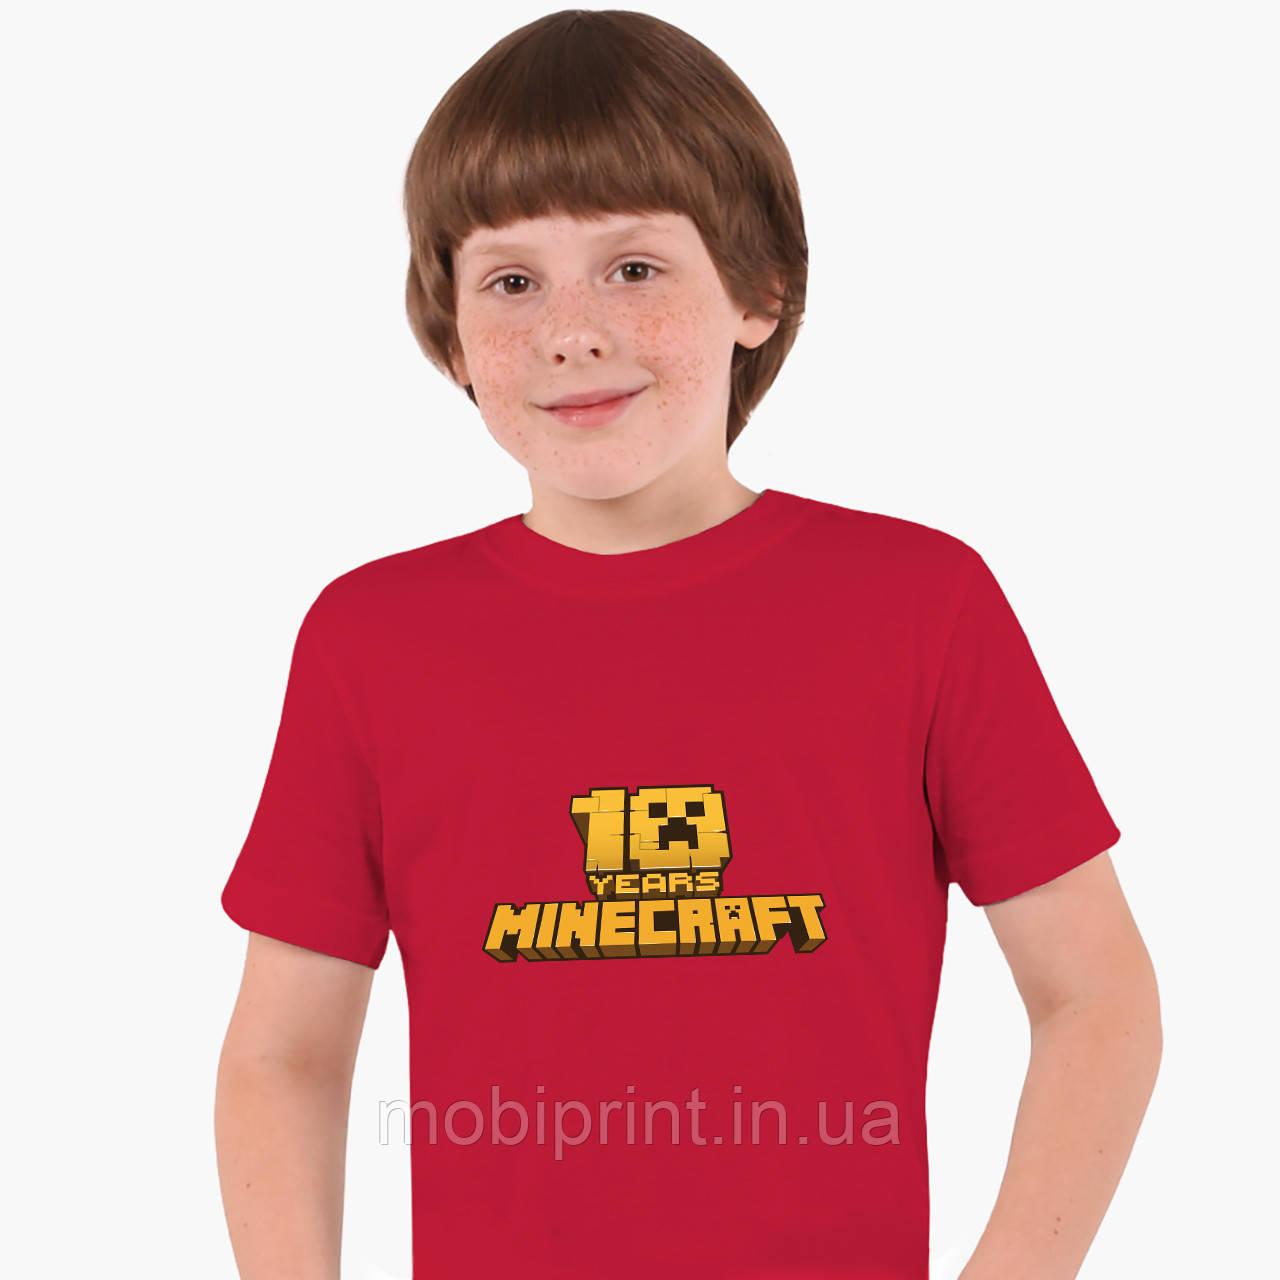 Детская футболка для мальчиков Майнкрафт (Minecraft) (25186-1171) Красный